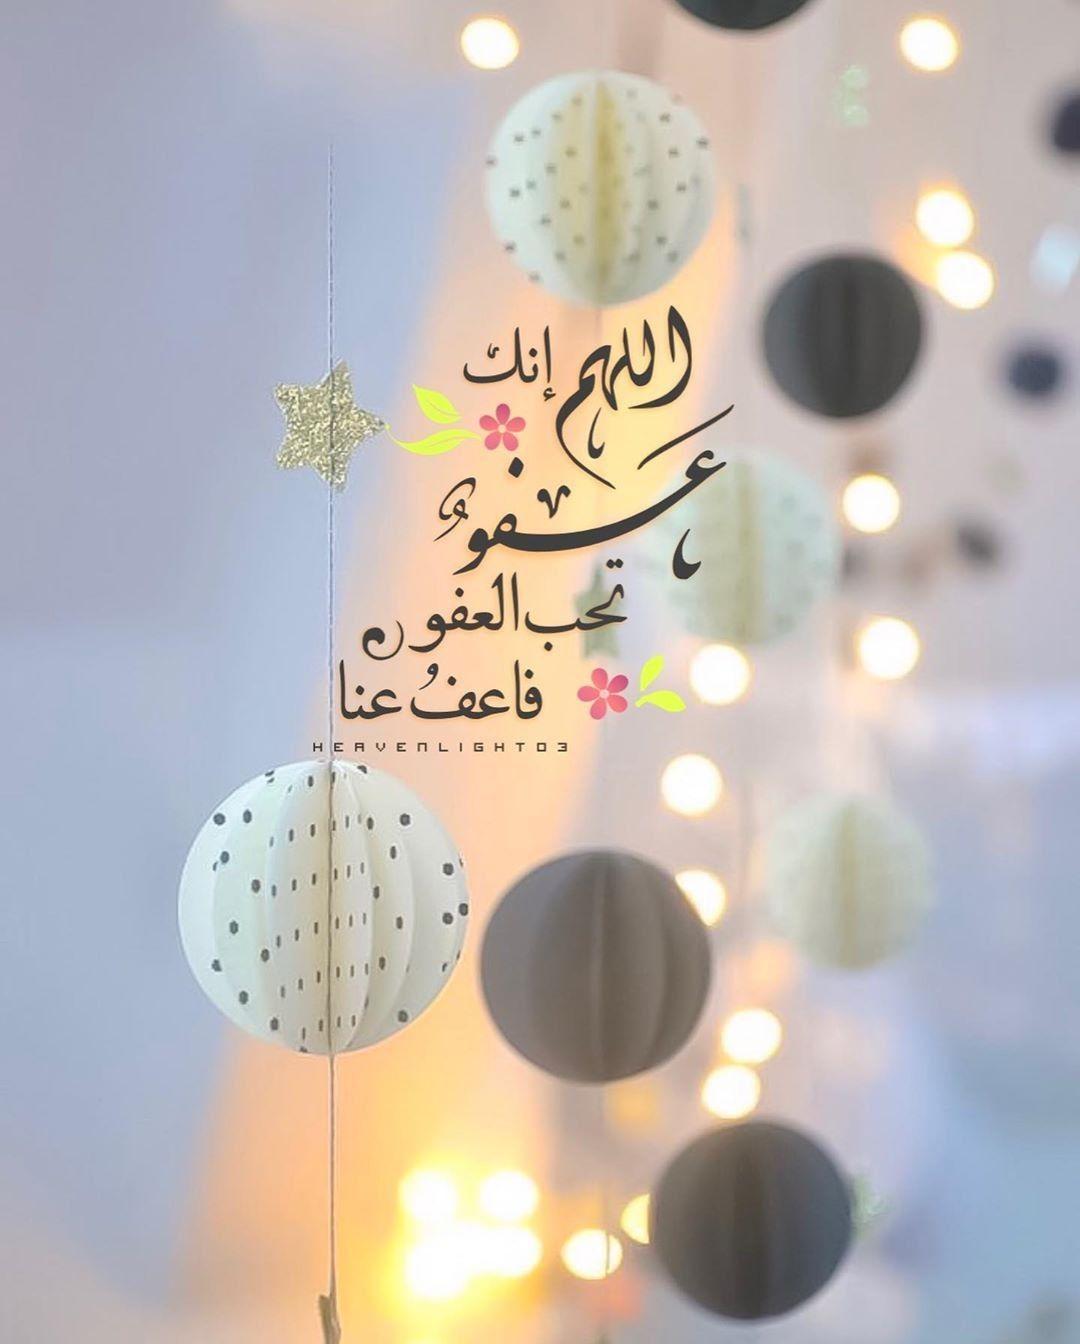 اللهم إنك عفو كريم تحب العفو فاعف عنا Quotes Sahabat Eid Greetings Ramadan